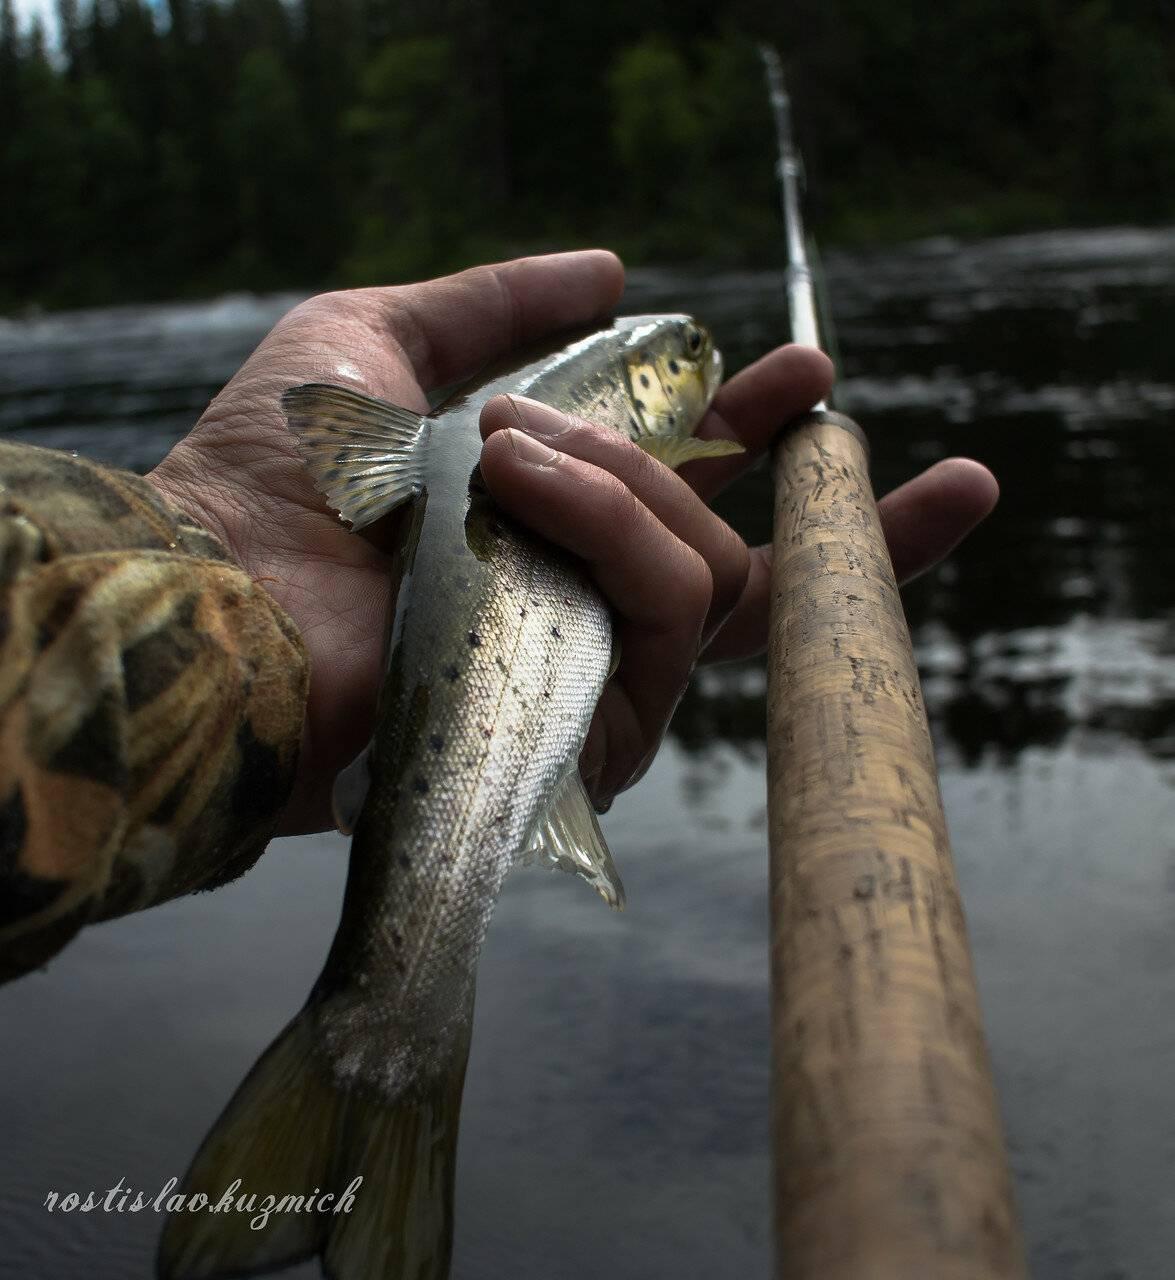 Рыбалка в карелии дикарем - выбор озера, лучшие места и особенности